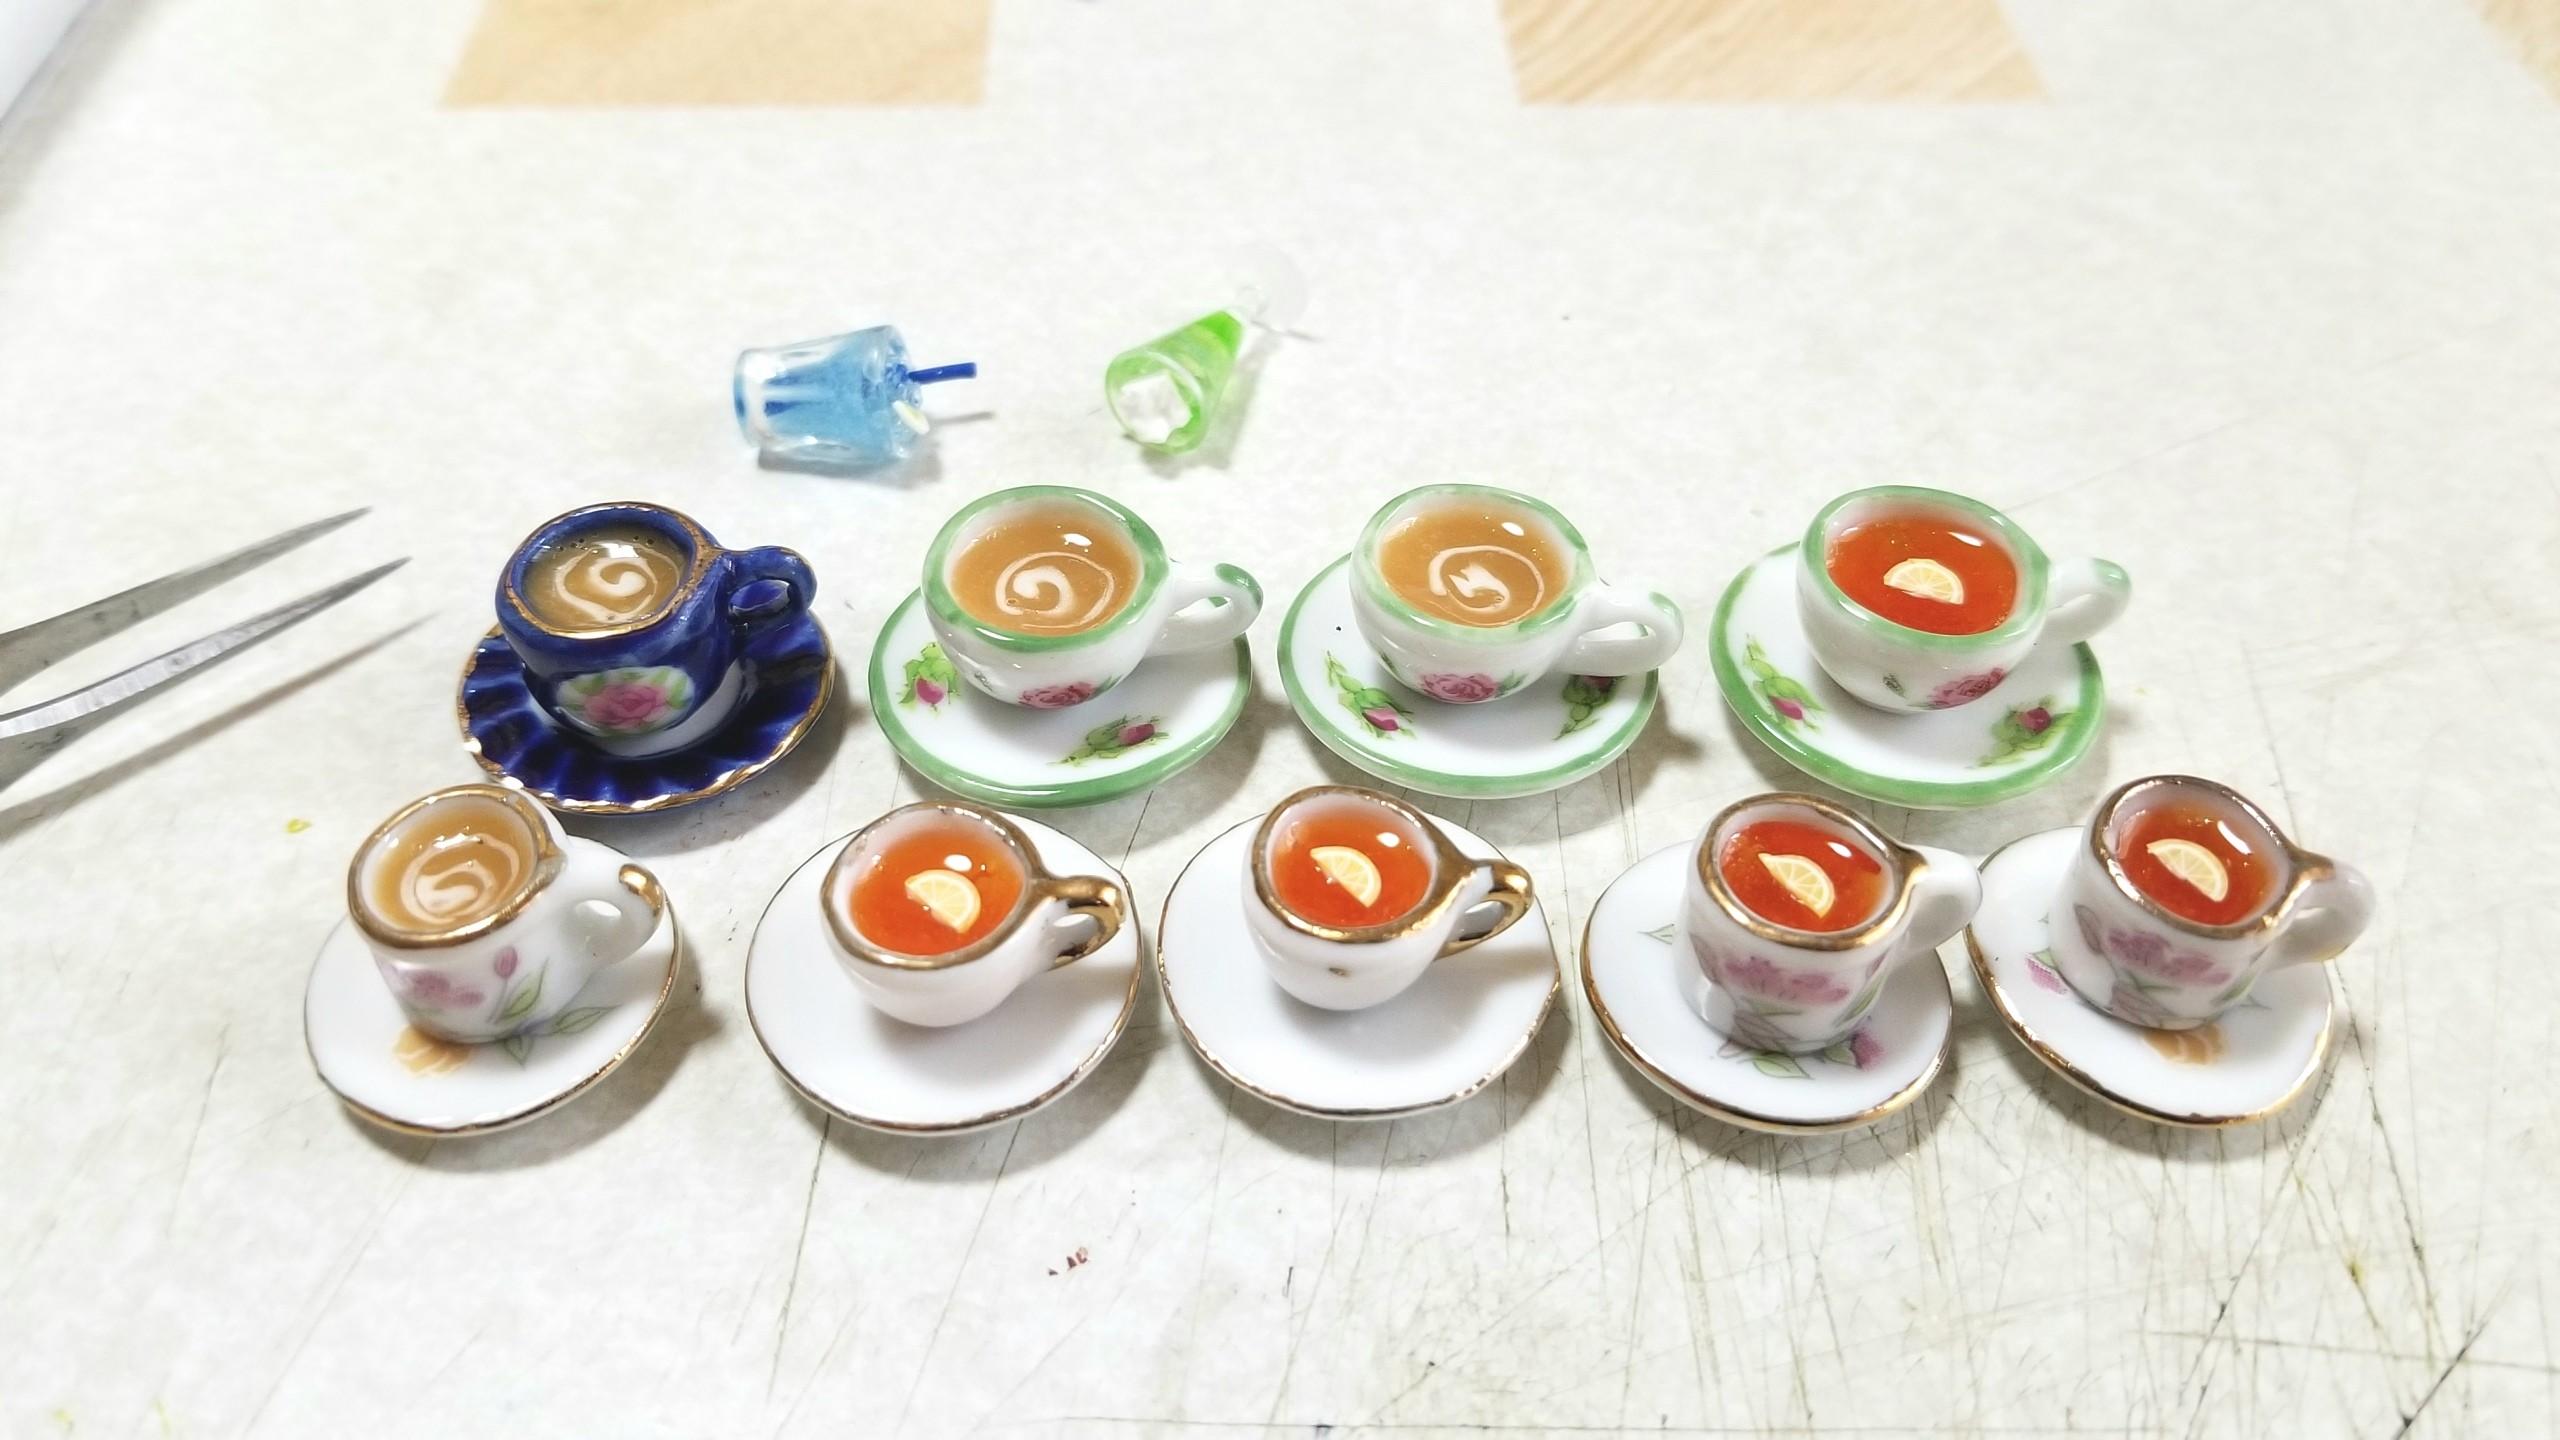 ミルクティー,レモン,ドリンク,ミニチュアフード,レジン,陶器,カップ